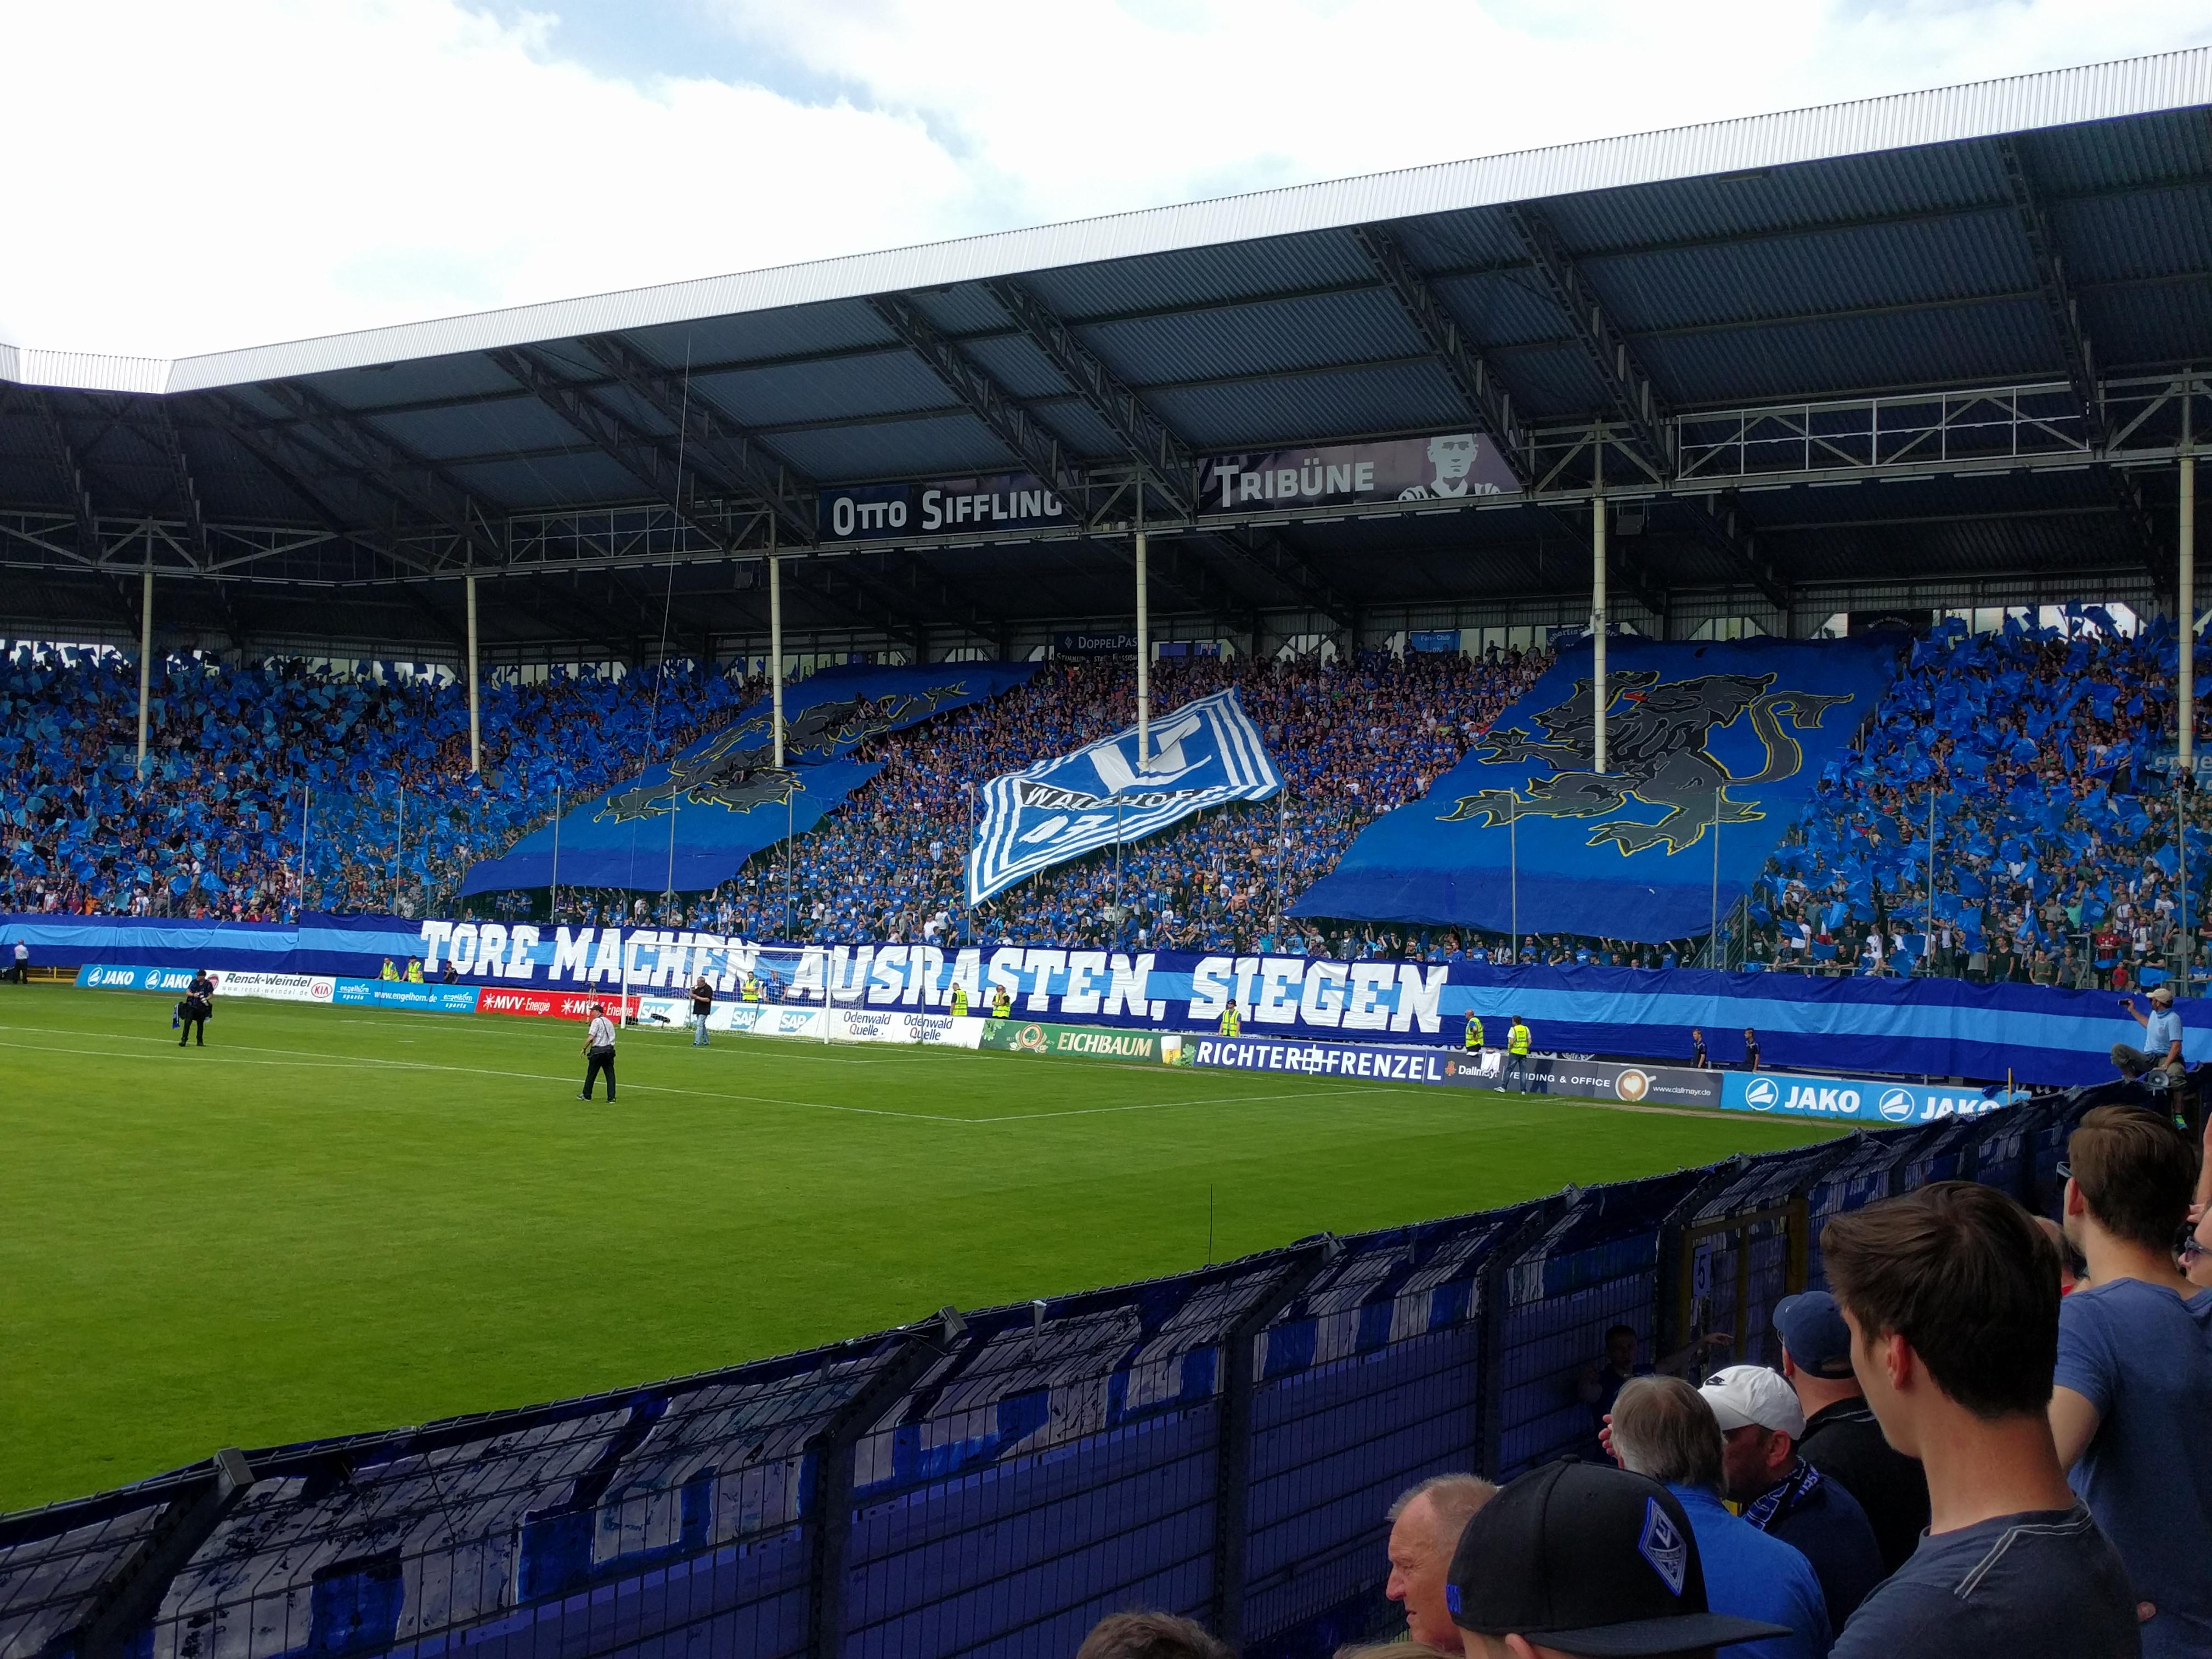 File:Otto Siffling Tribüne Im Carl-Benz-Stadion Des SV